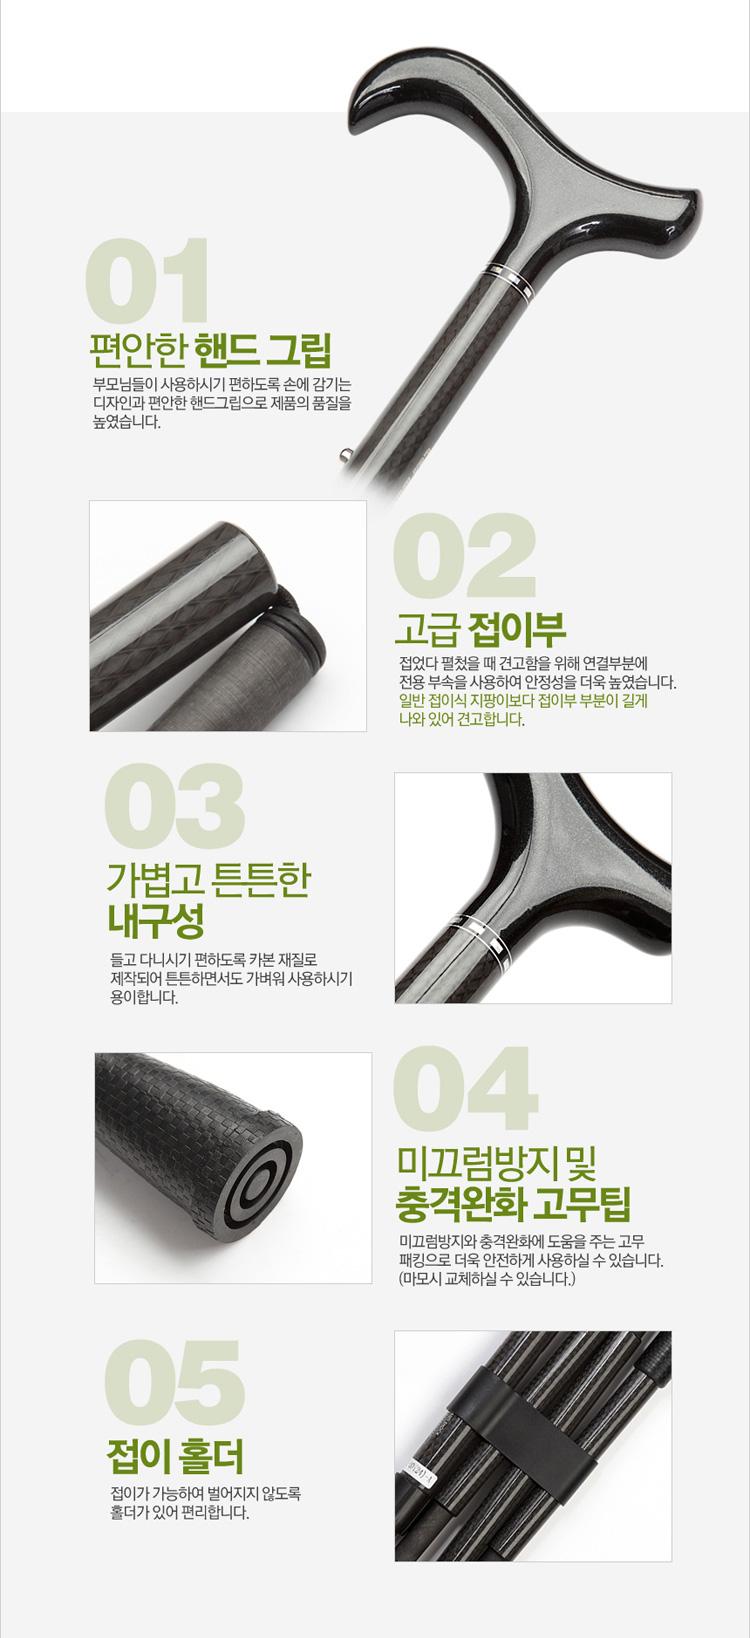 카본 접이식 지팡이 KCS-102) 카본지팡이.조절식지팡 조절식보행기 보행스틱 등산스틱 지팡이 접이식등산스틱